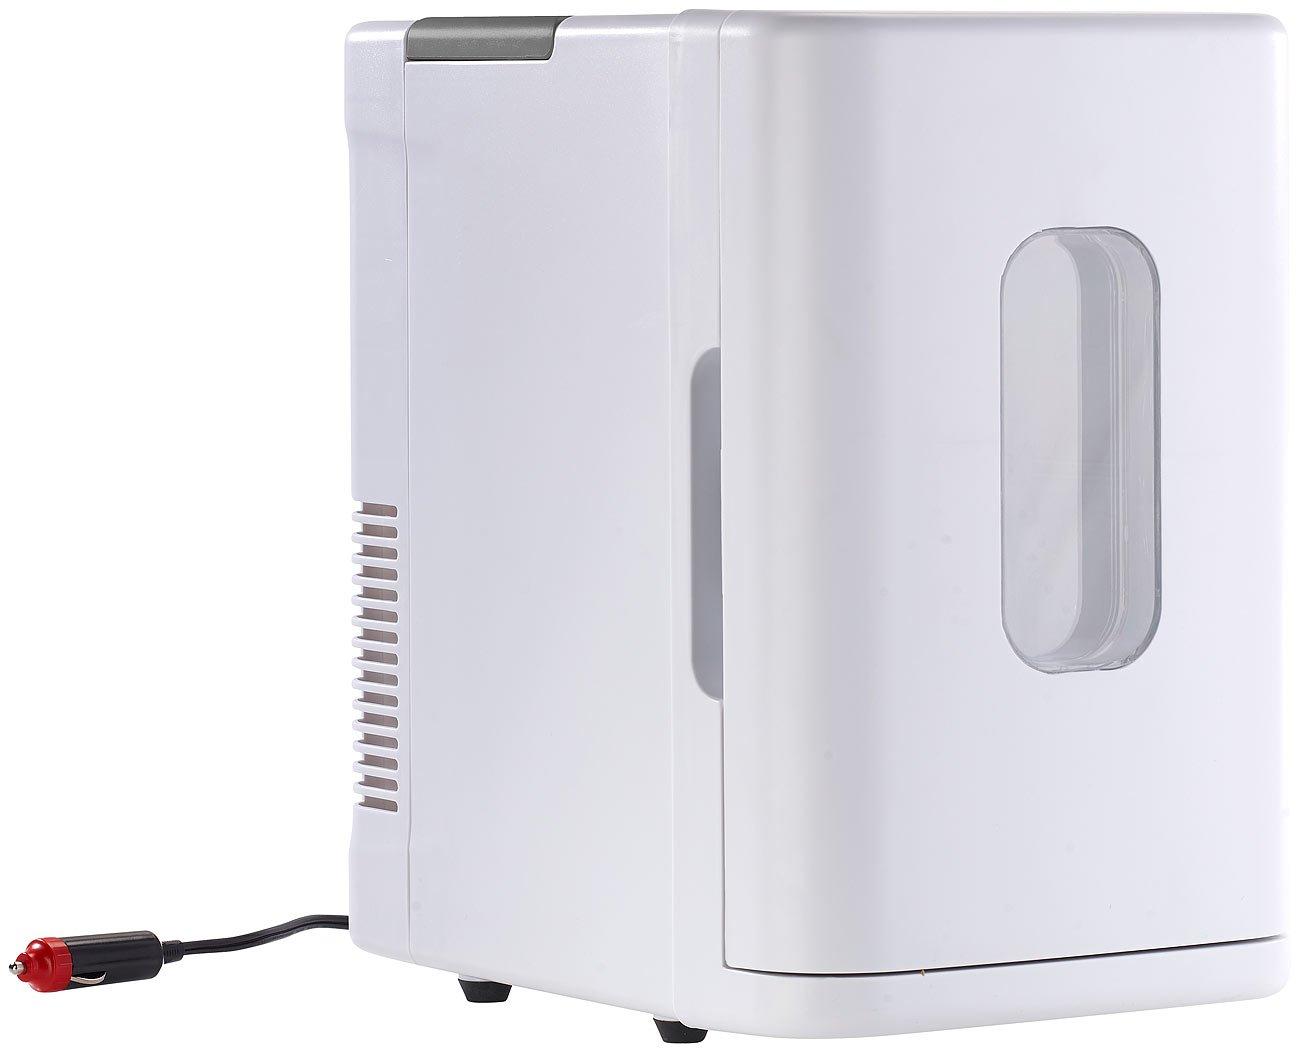 Mini Kühlschrank Real : Rosenstein & söhne reisekühlschrank: amazon.de: elektronik